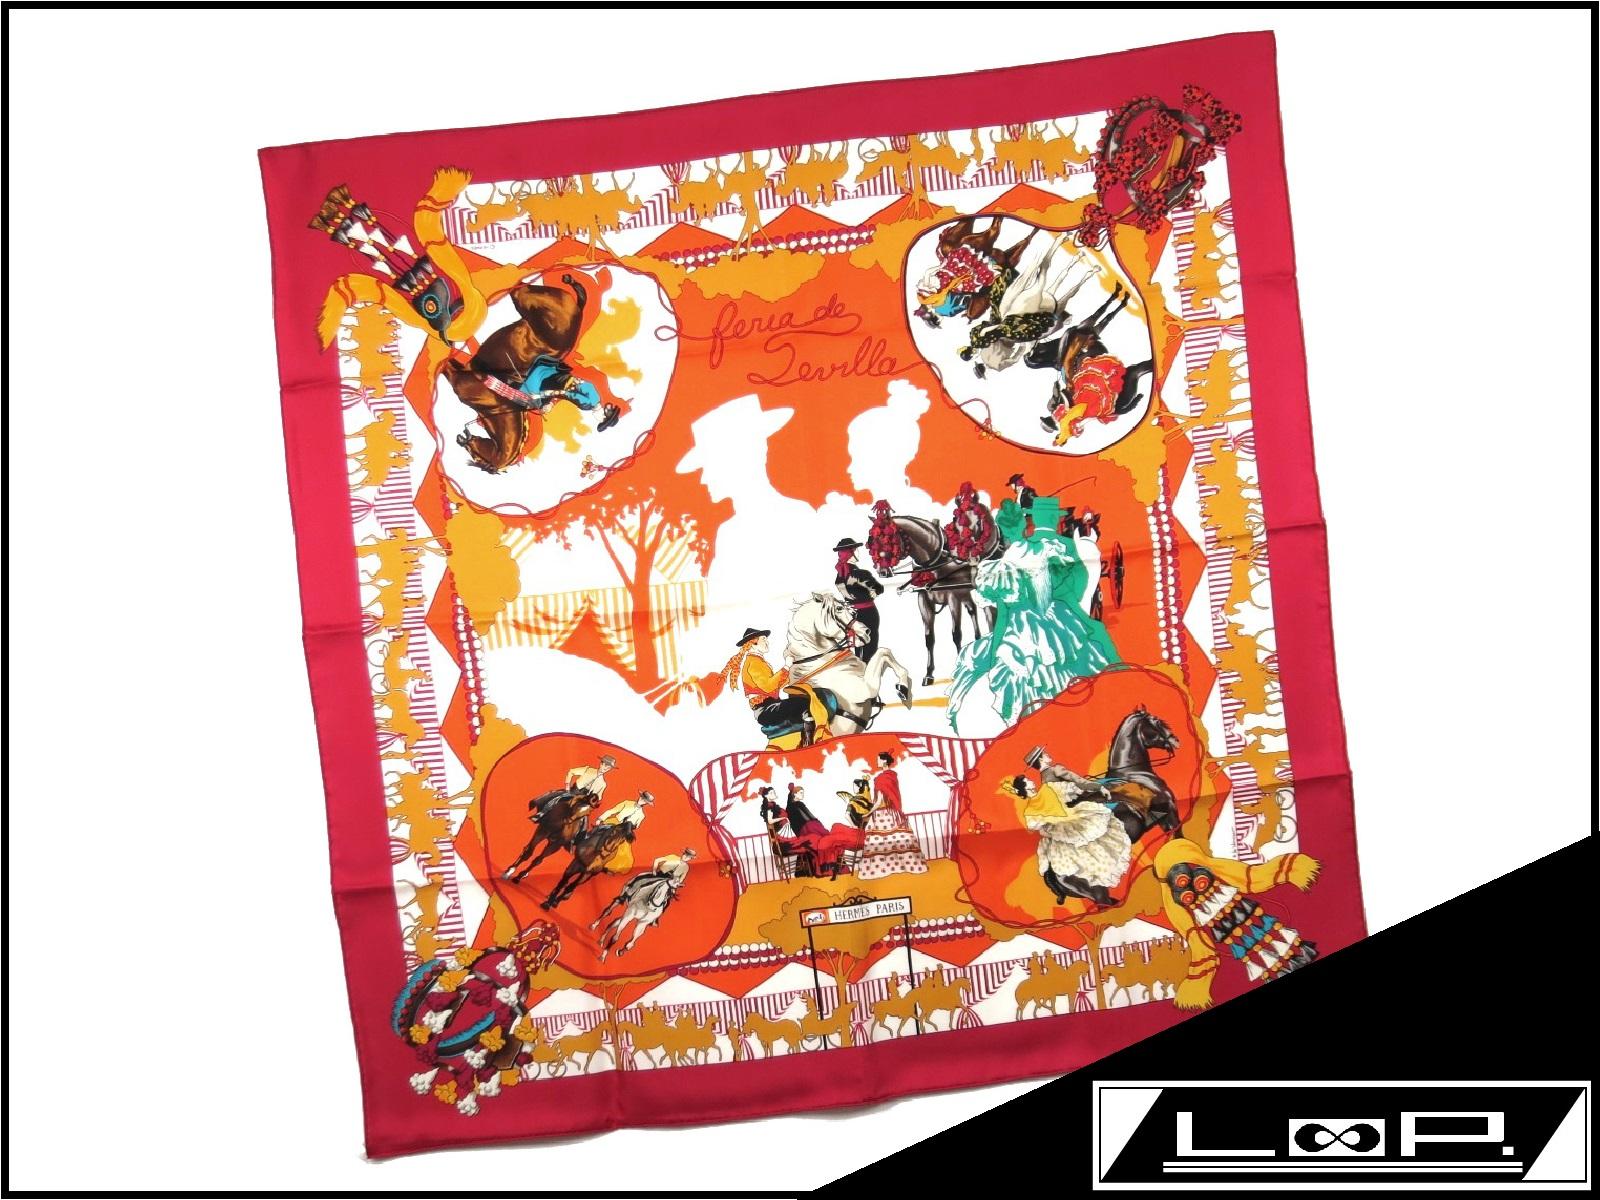 贅沢屋の 【未使用】 エルメス カレ カレ 90 赤 スカーフ FERIA レッド DE SEVILLA セビリアの休日 馬 レッド アカ 赤 オレンジ シルク【A17110】【中古】, ジョウエツシ:fb7e668d --- totem-info.com